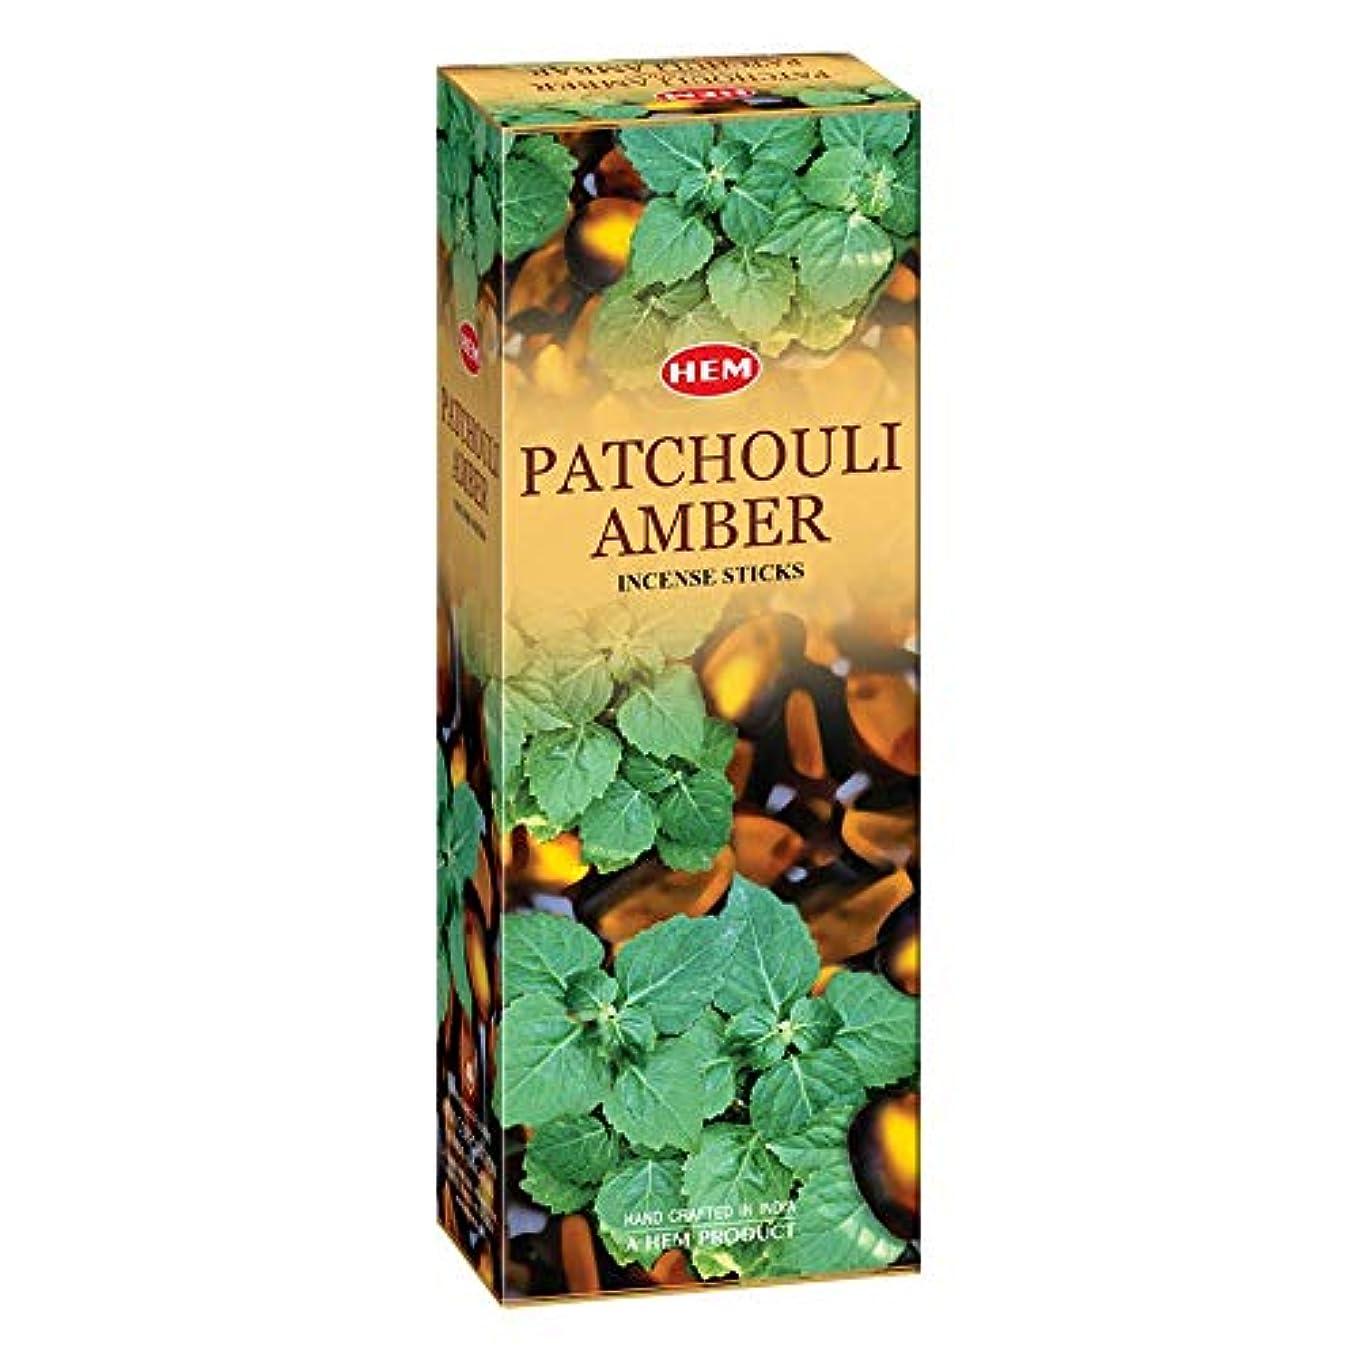 編集者ゴールド苦しみHem Patchouli Amber Incense Sticks(9.3 cm X 6.0 cm X 25.5cm, Black)